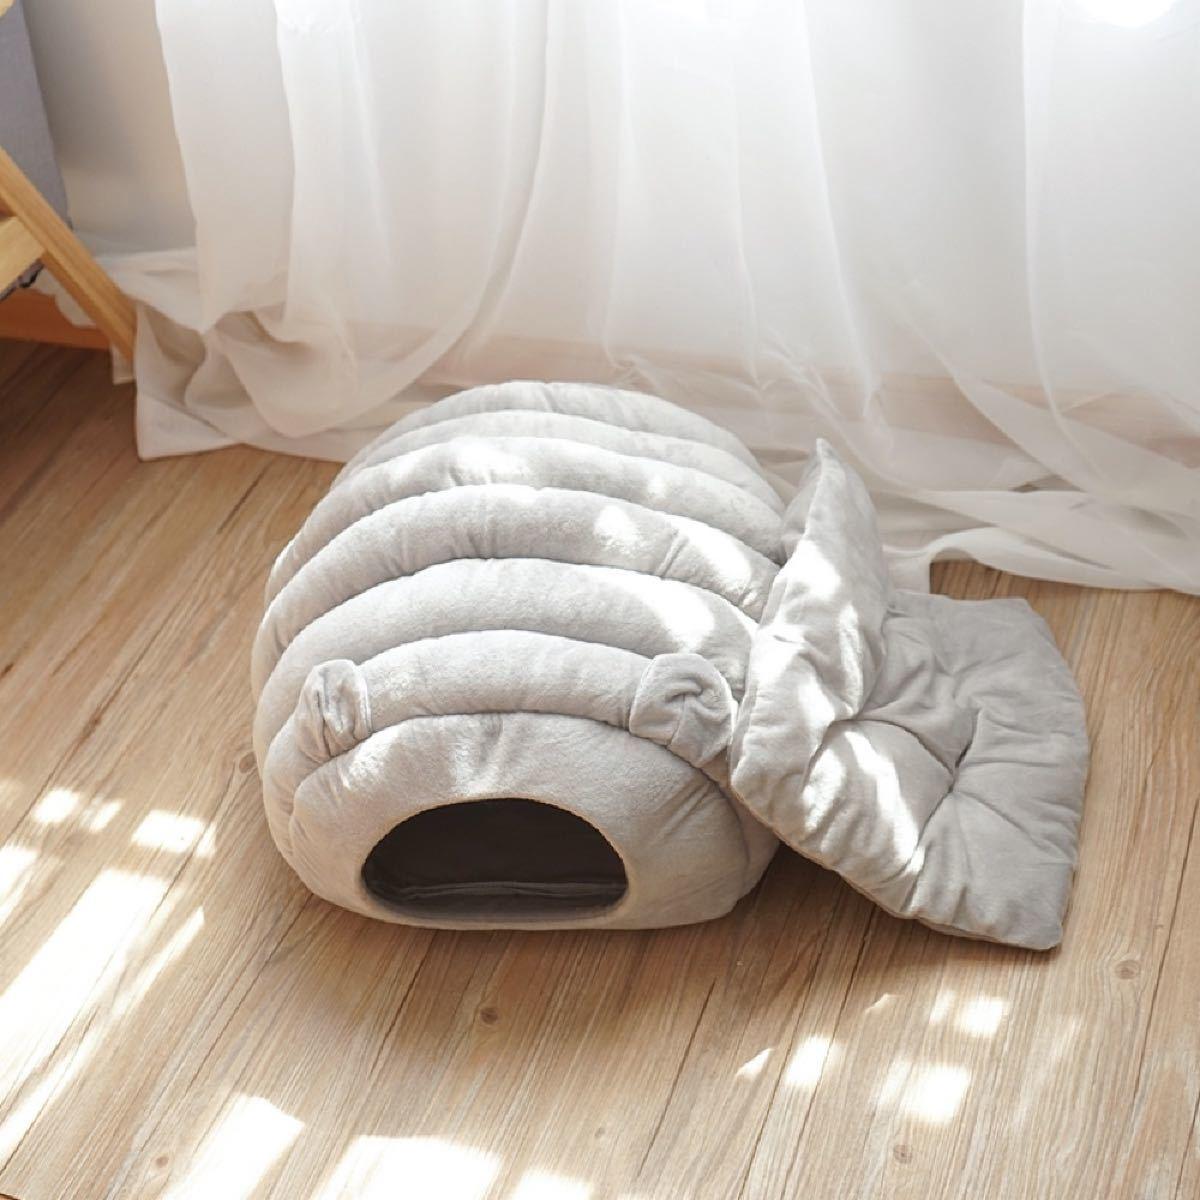 ペットハウス冬 猫用ベッド 猫 ドーム型 ベッド 犬小屋クッション付き水洗え